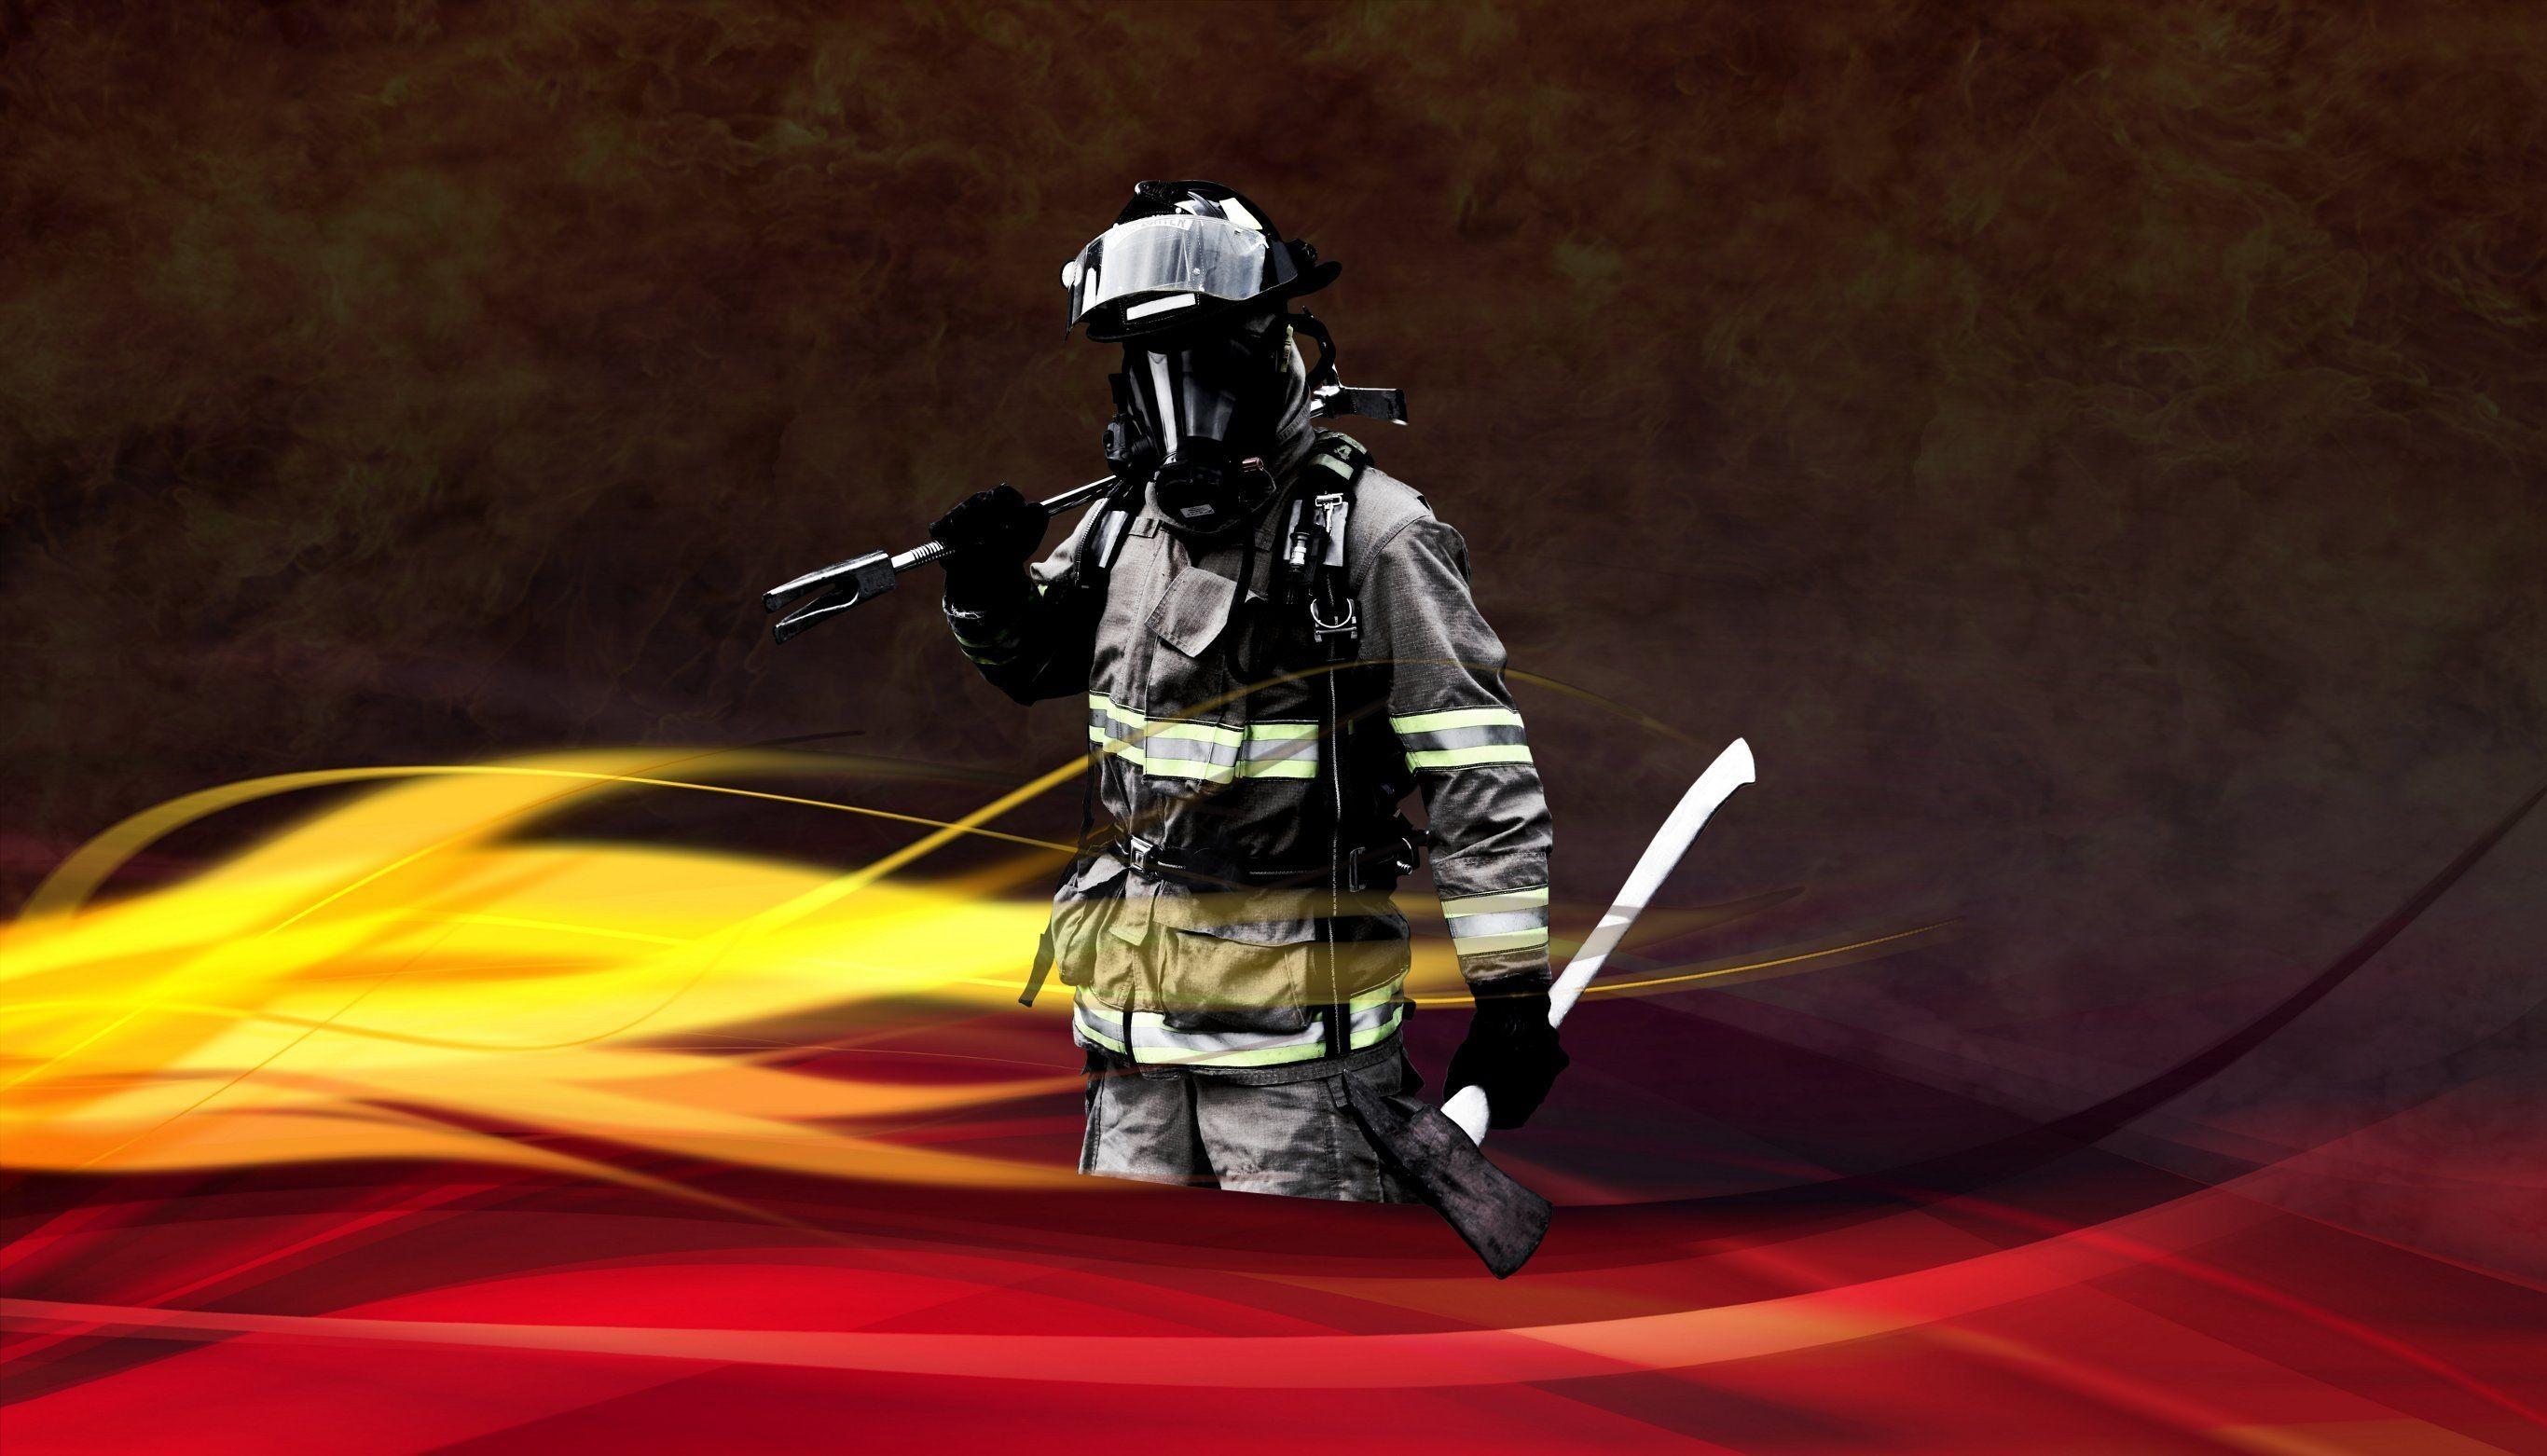 картинки для стола пожарные шишкин лес вода